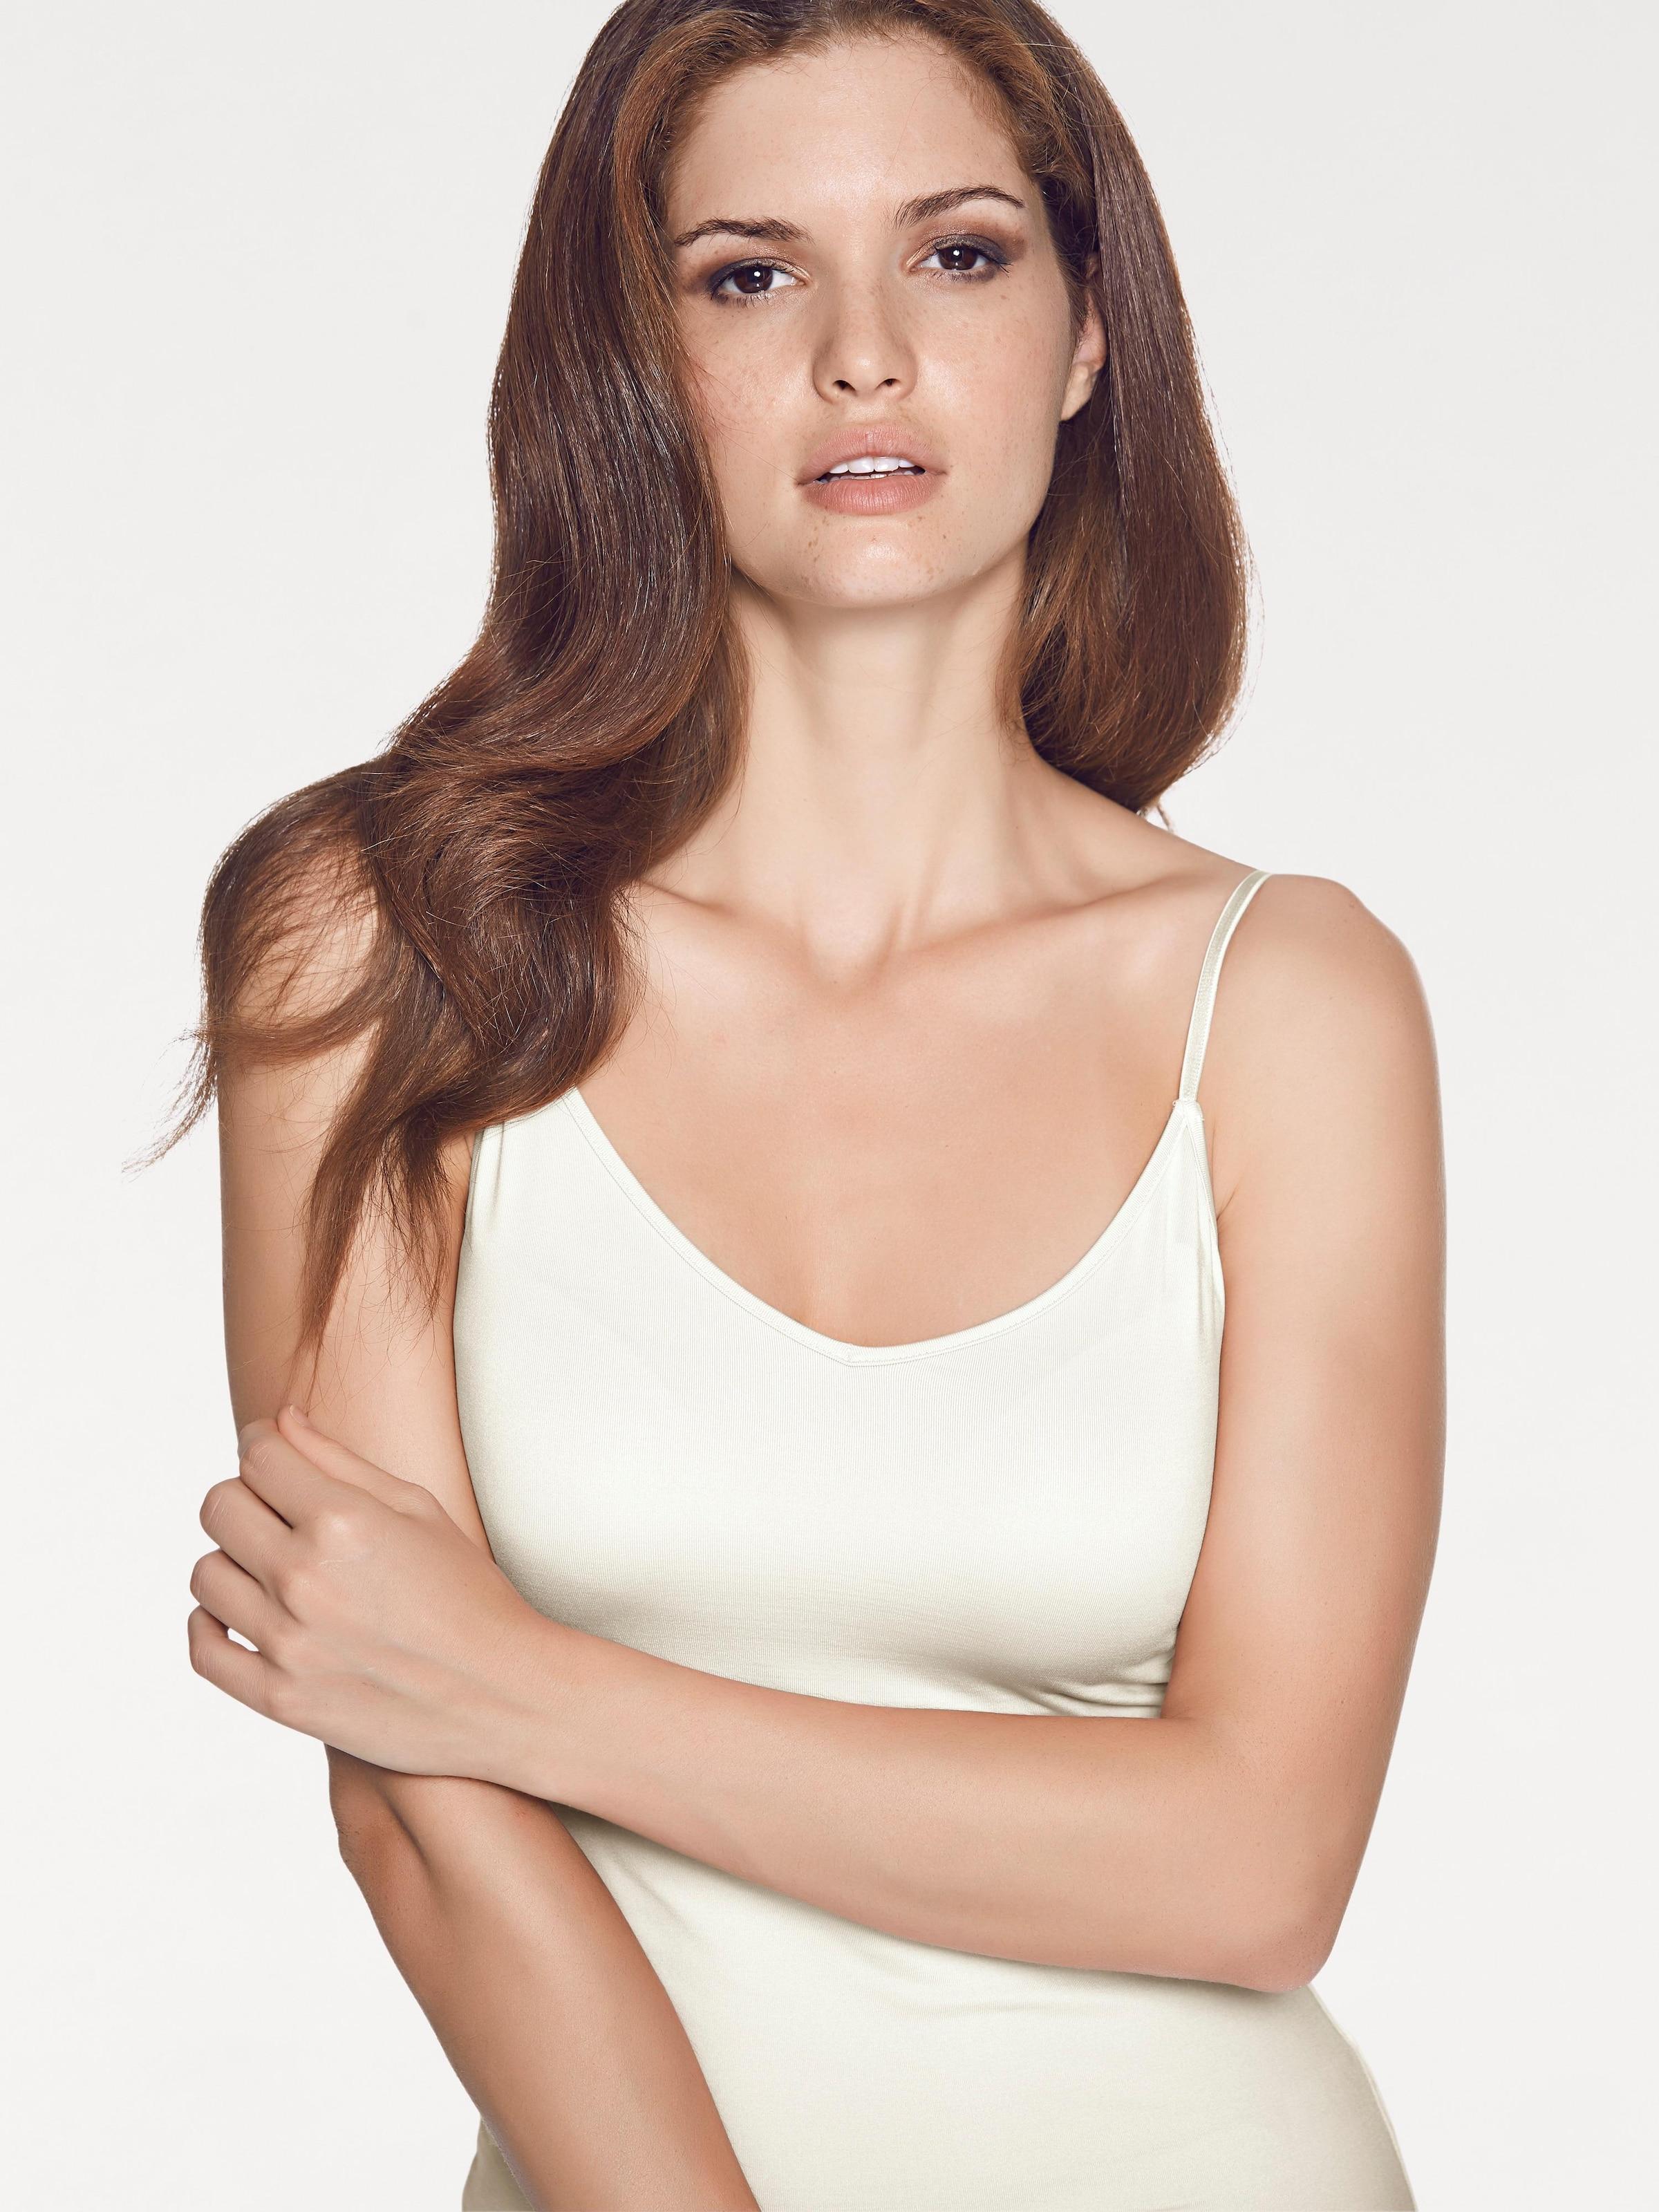 Klassische Online Ashley Brooke by heine Bodyform-Spaghettitop Empfehlen Online Laden Verkauf Jhw0PnELj